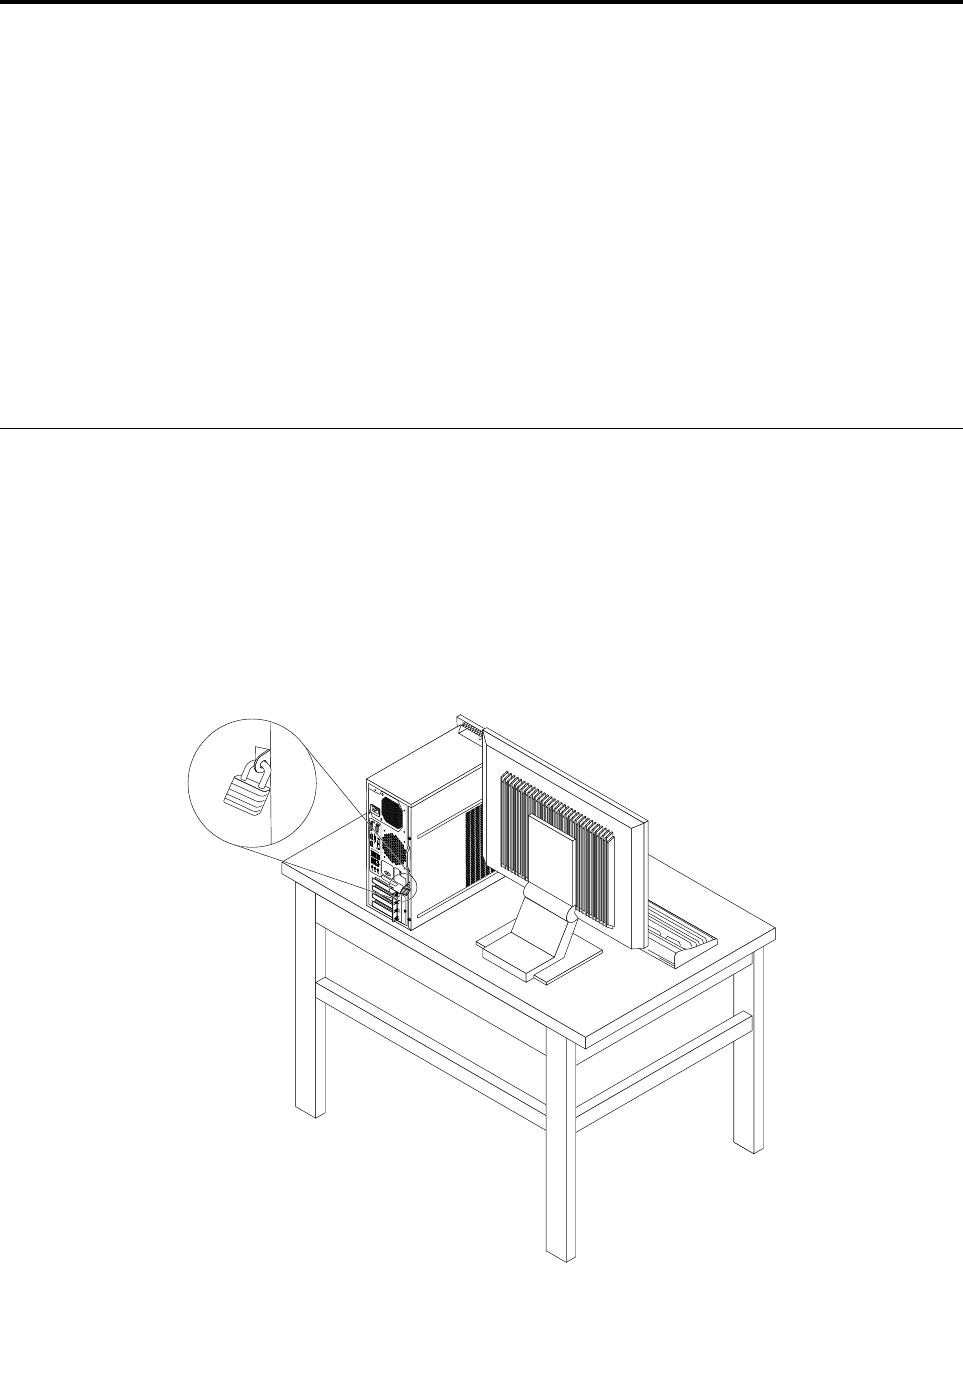 Lenovo M73P Ug Es User Guide Manual (Spanish) Think Centre